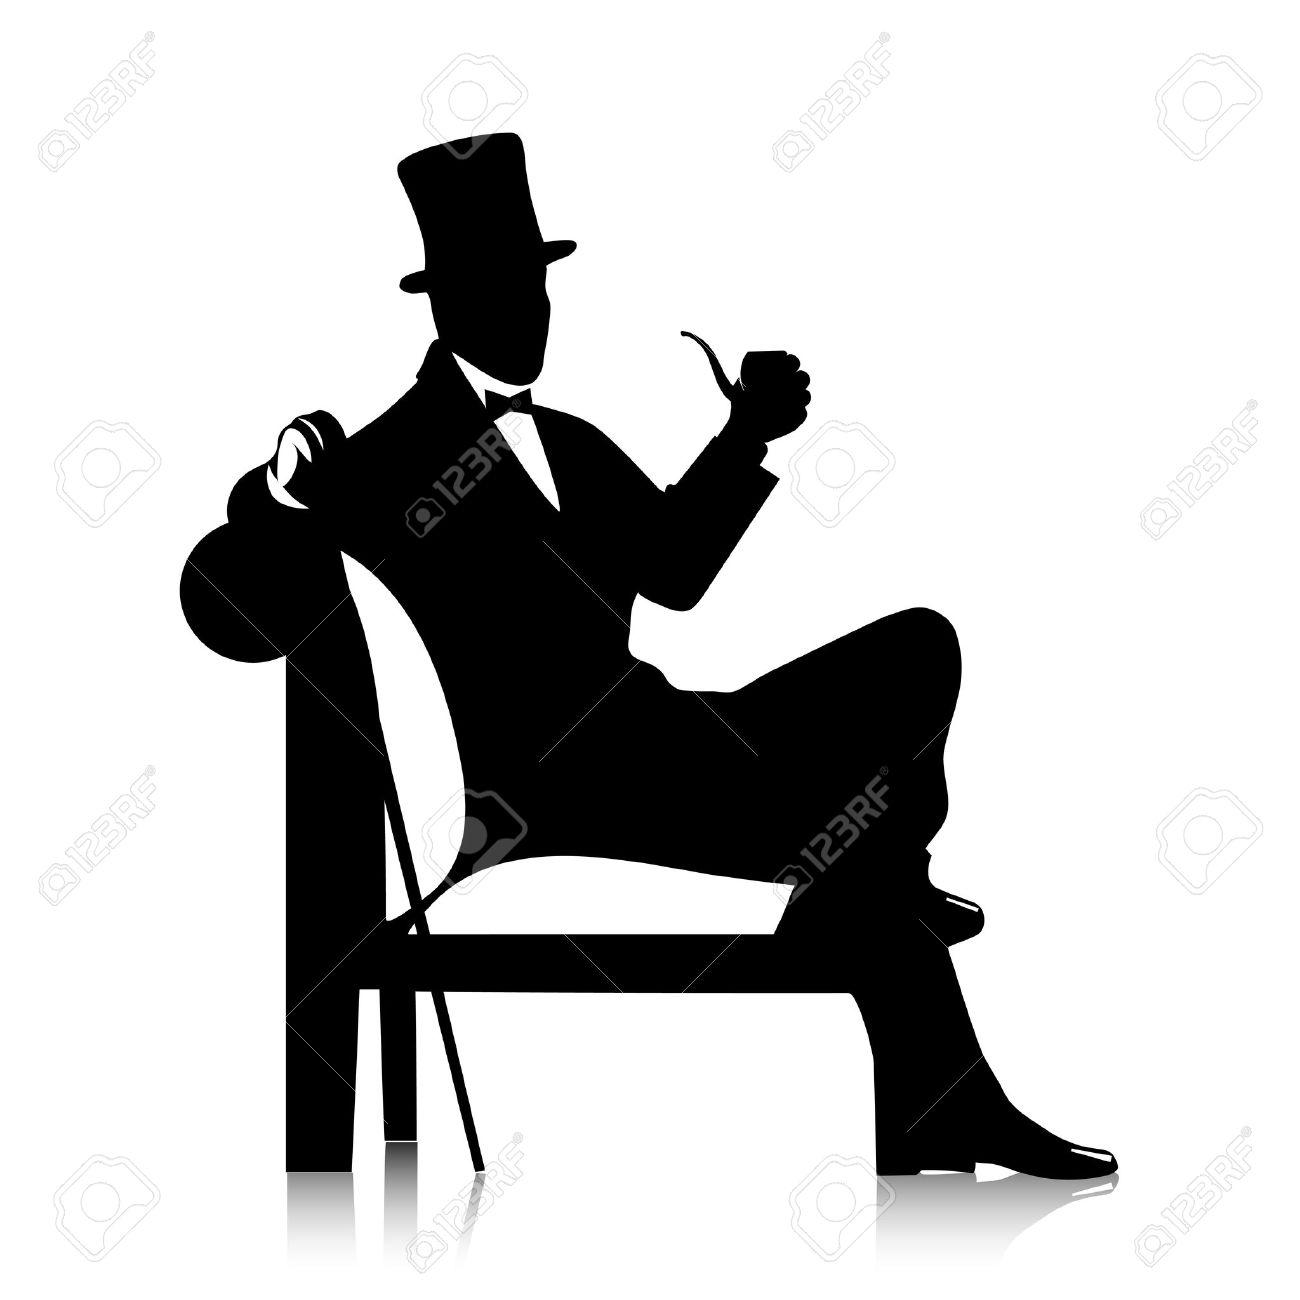 gentleman silhouette - 31577890